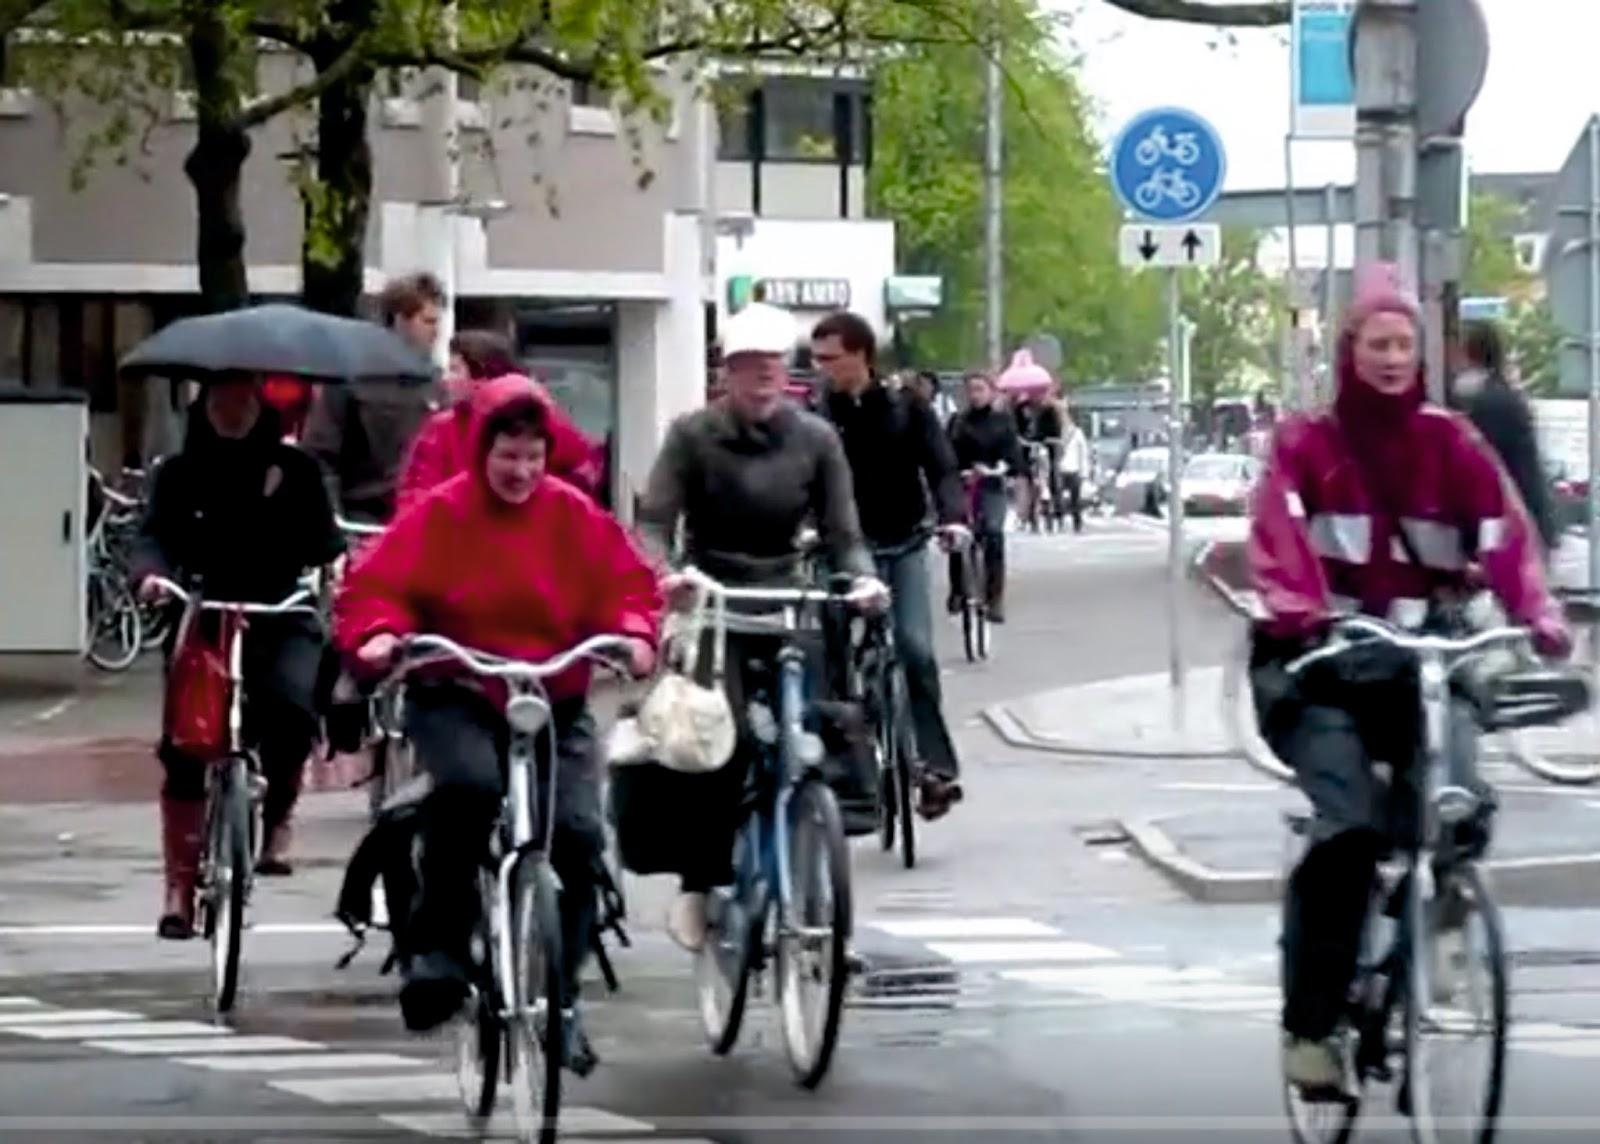 Fahrradzentralraumleibnitz April April Der Macht Was Er Will